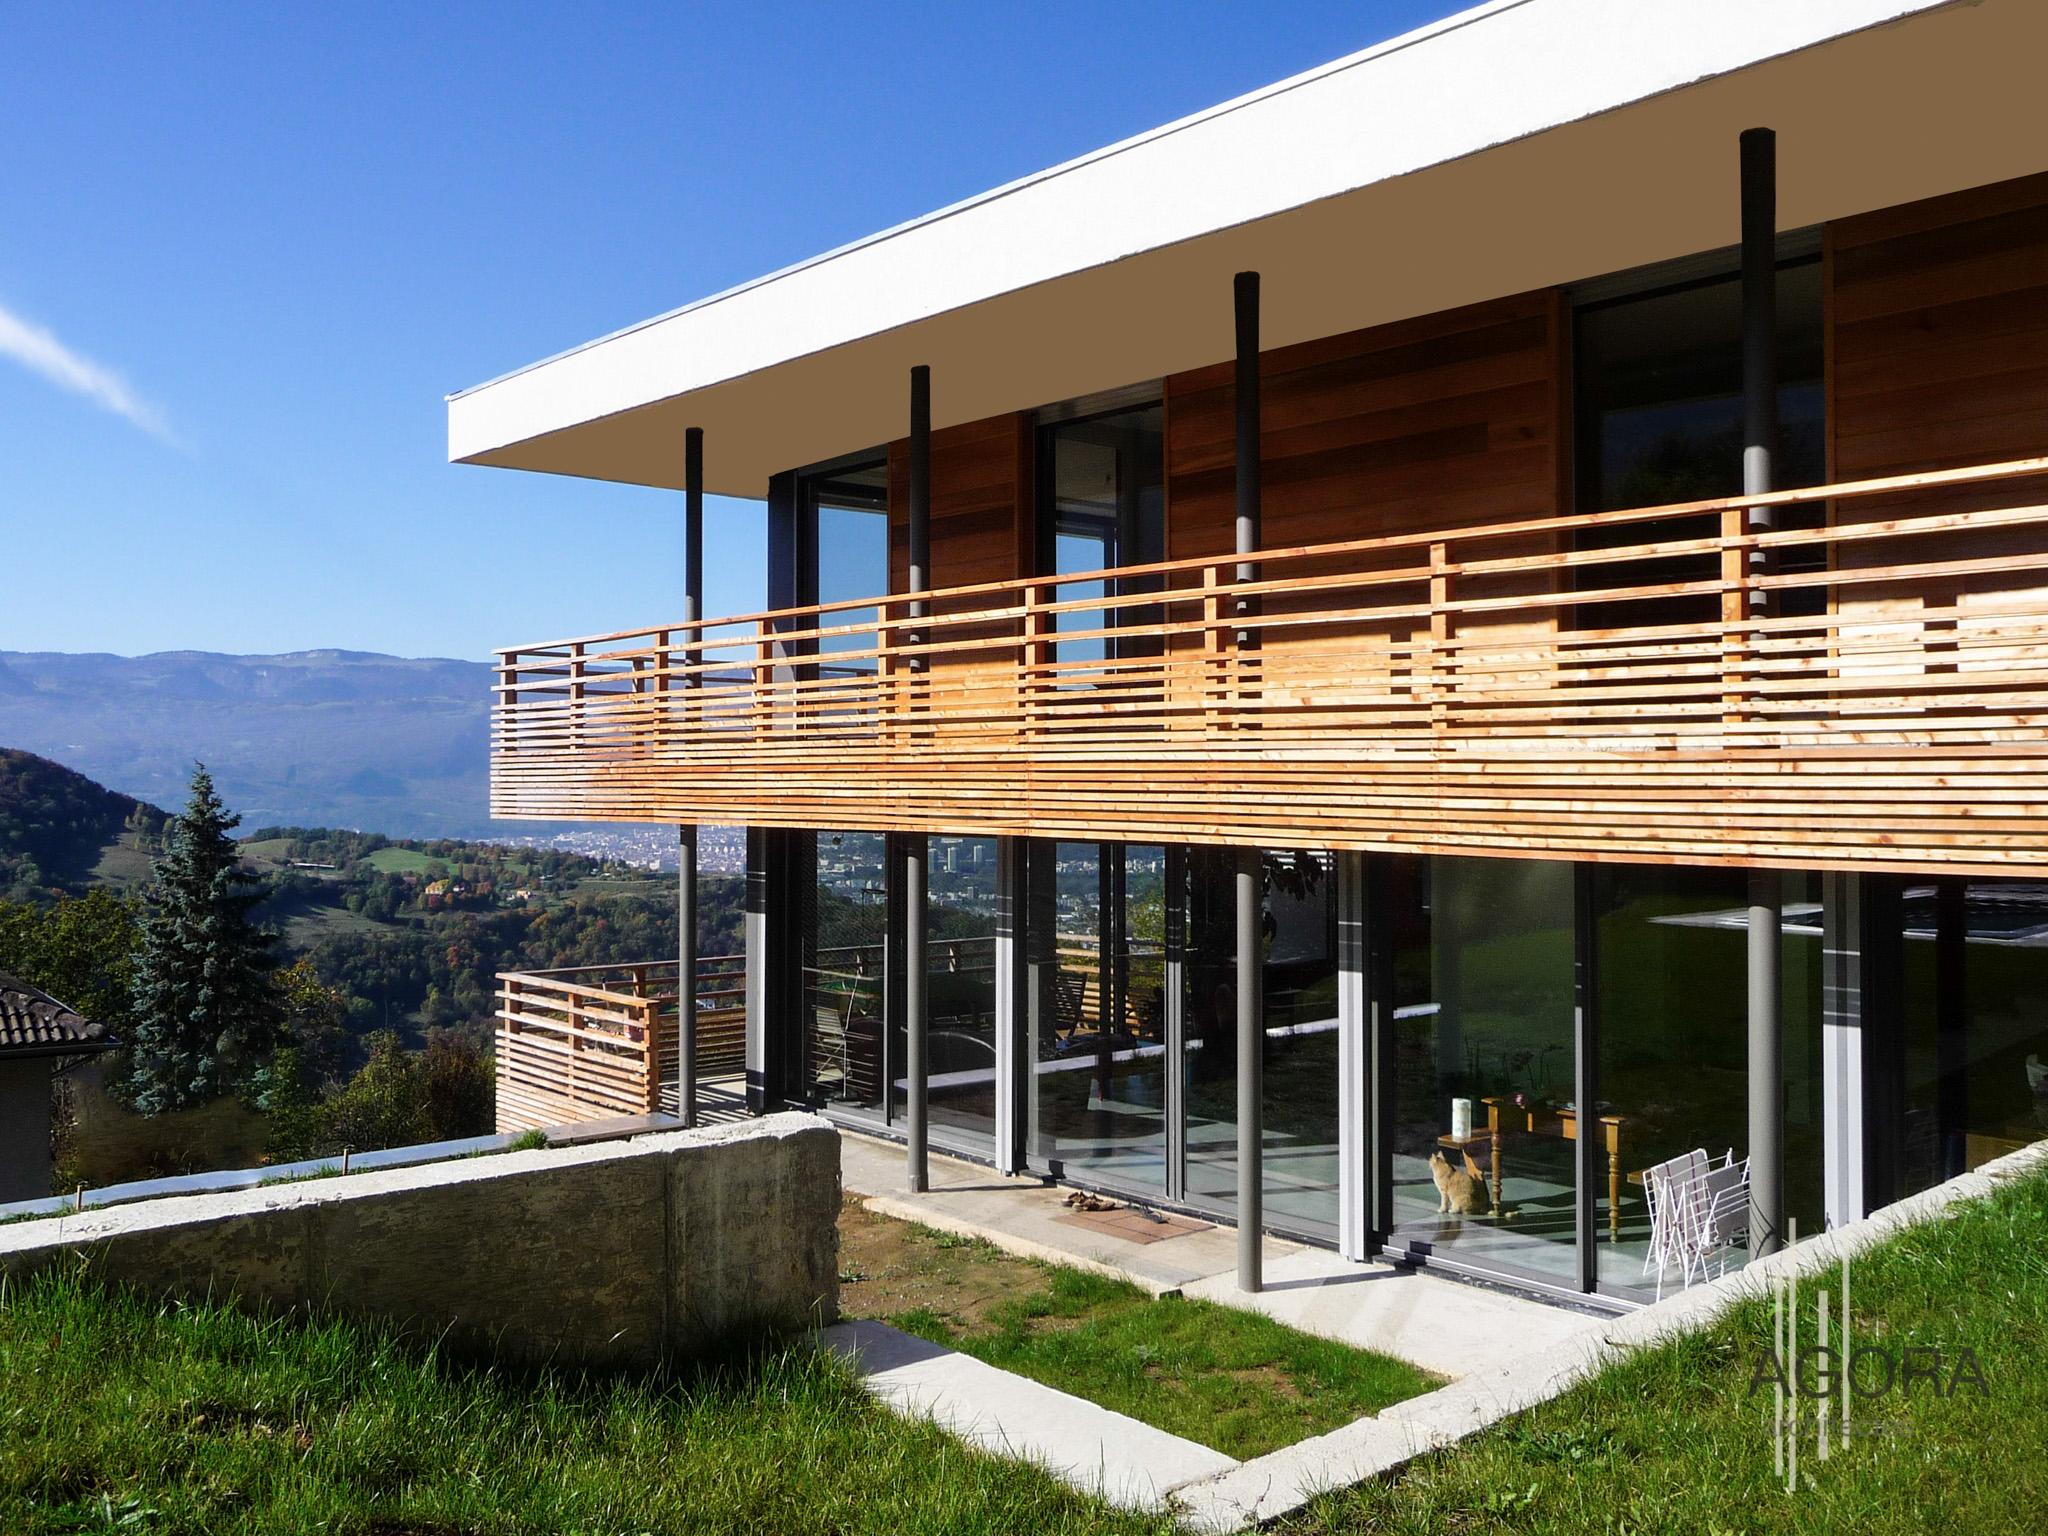 villa o venon 38 agora architectes grenoble agora architectes grenoble. Black Bedroom Furniture Sets. Home Design Ideas